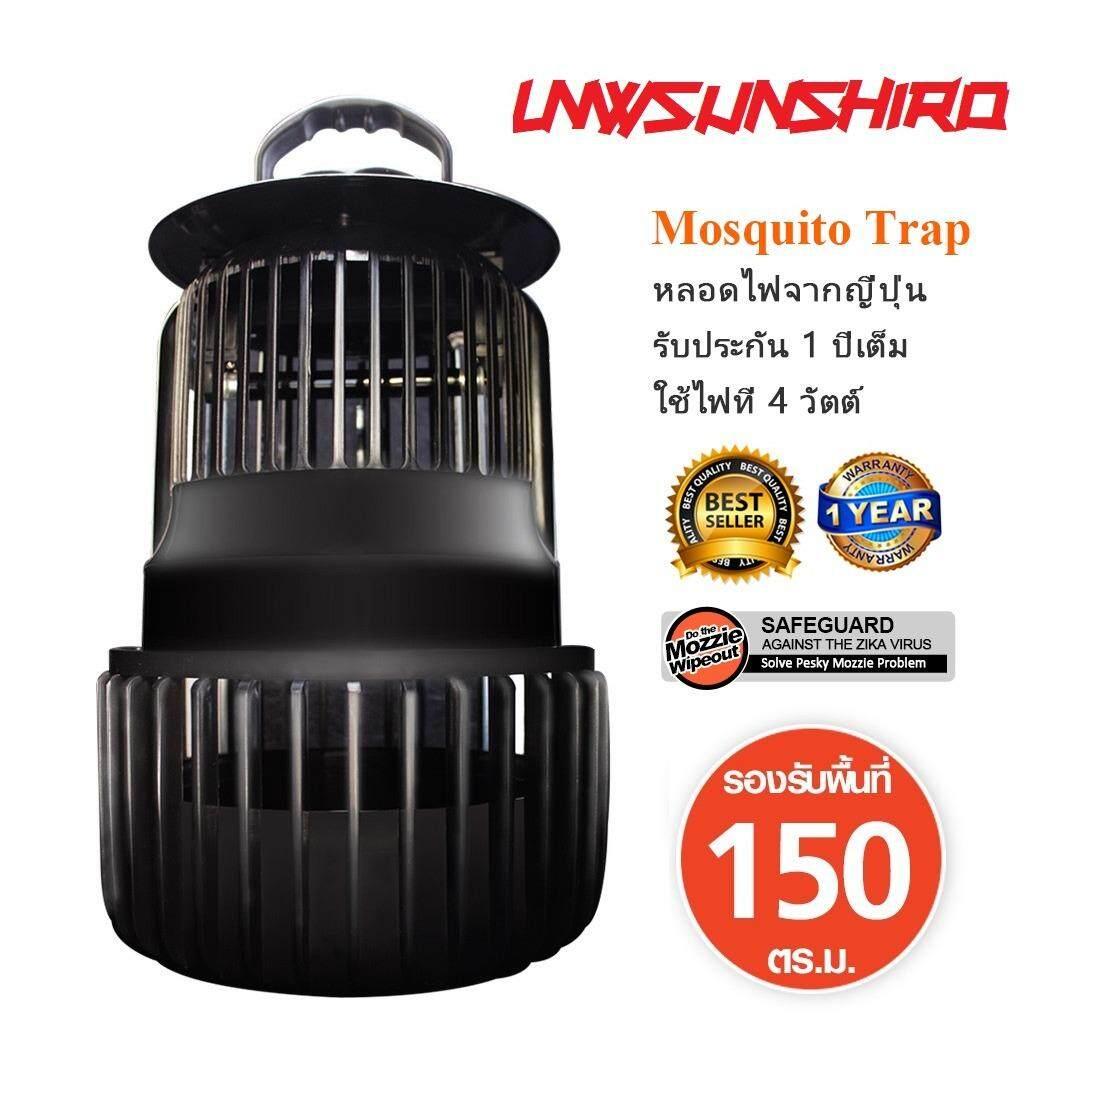 ราคา เครื่องดักยุง และแมลง Lnwsunshiro รุ่น Is 003 สีดำ Sunshiro ออนไลน์